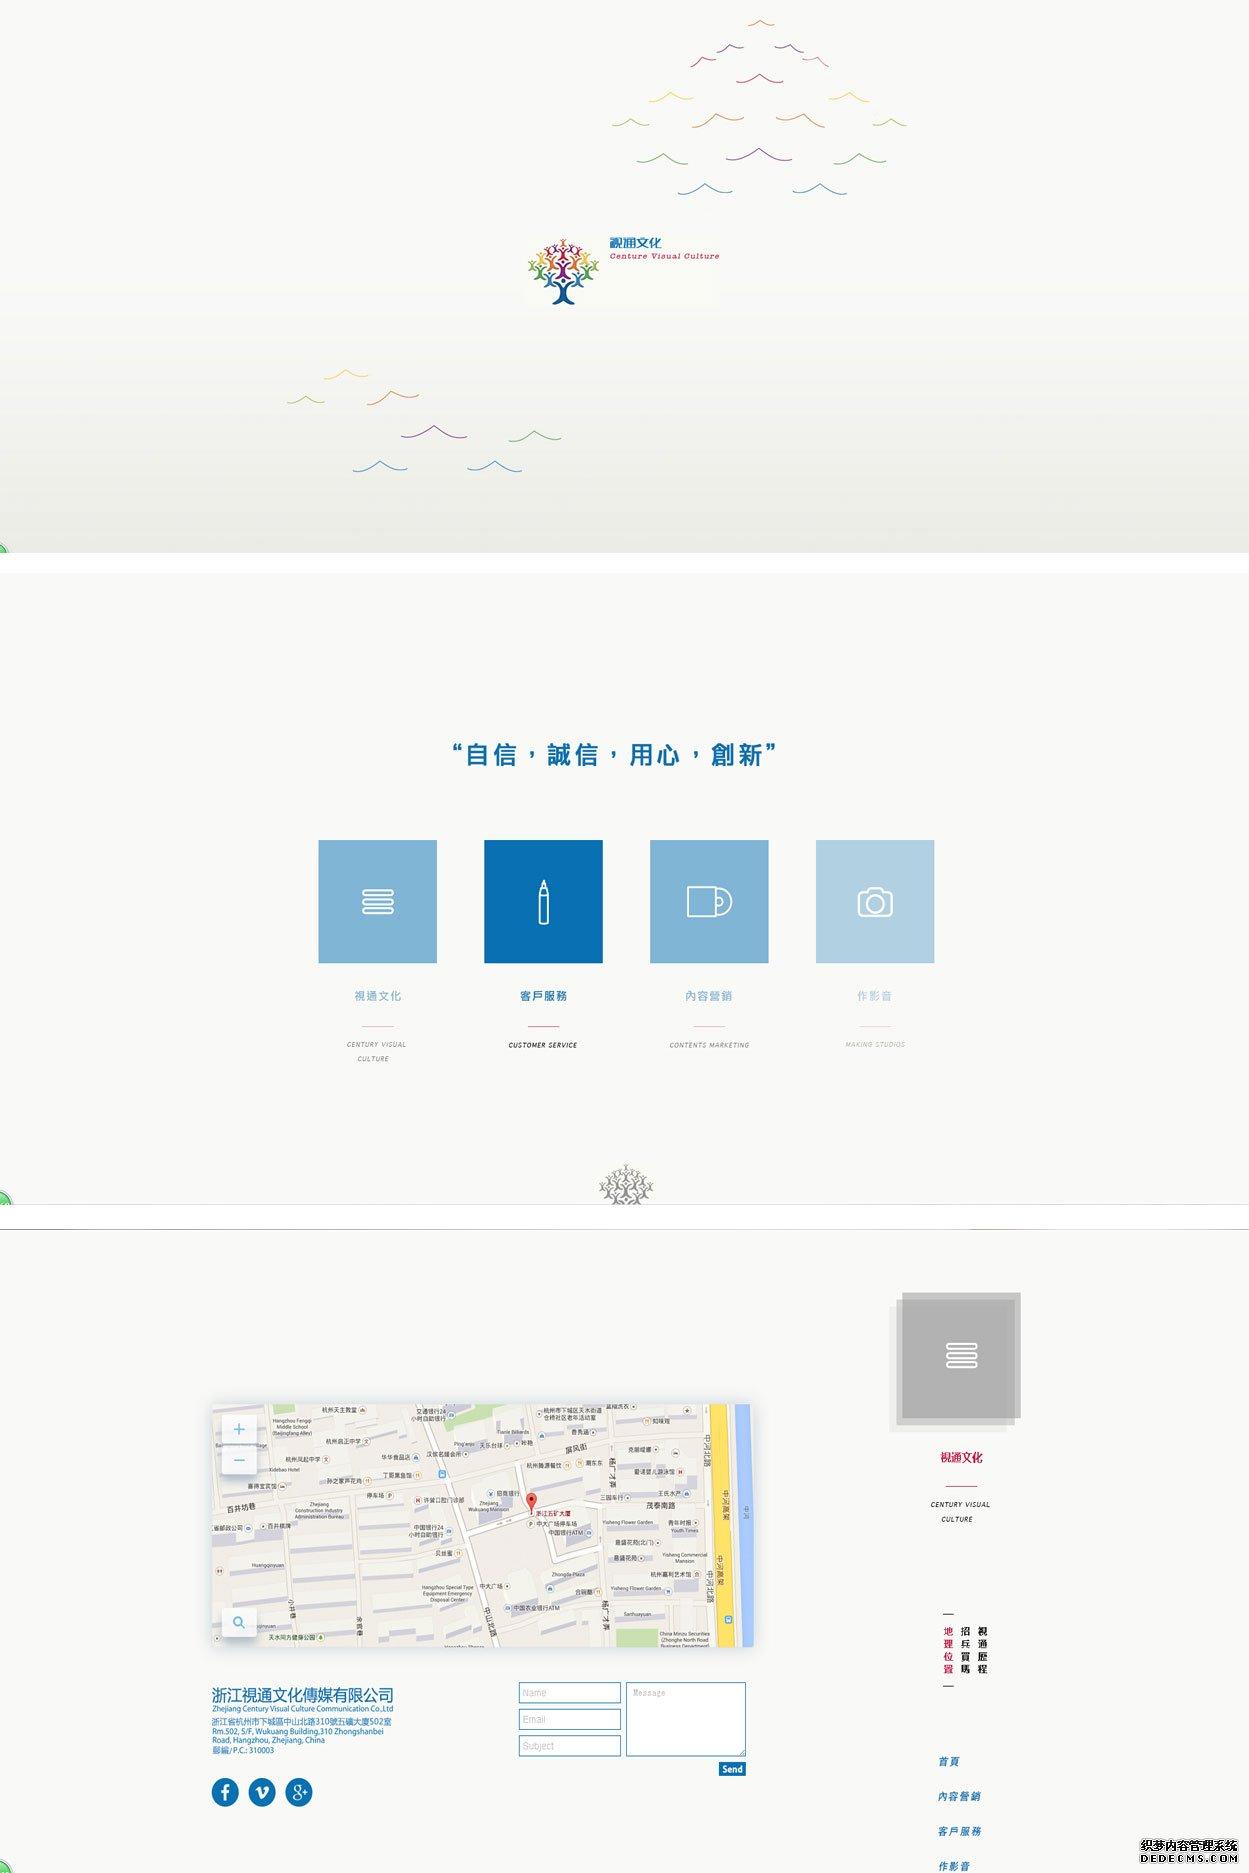 浙江视通文化传播有限公司-杭州盘网网站建设作品